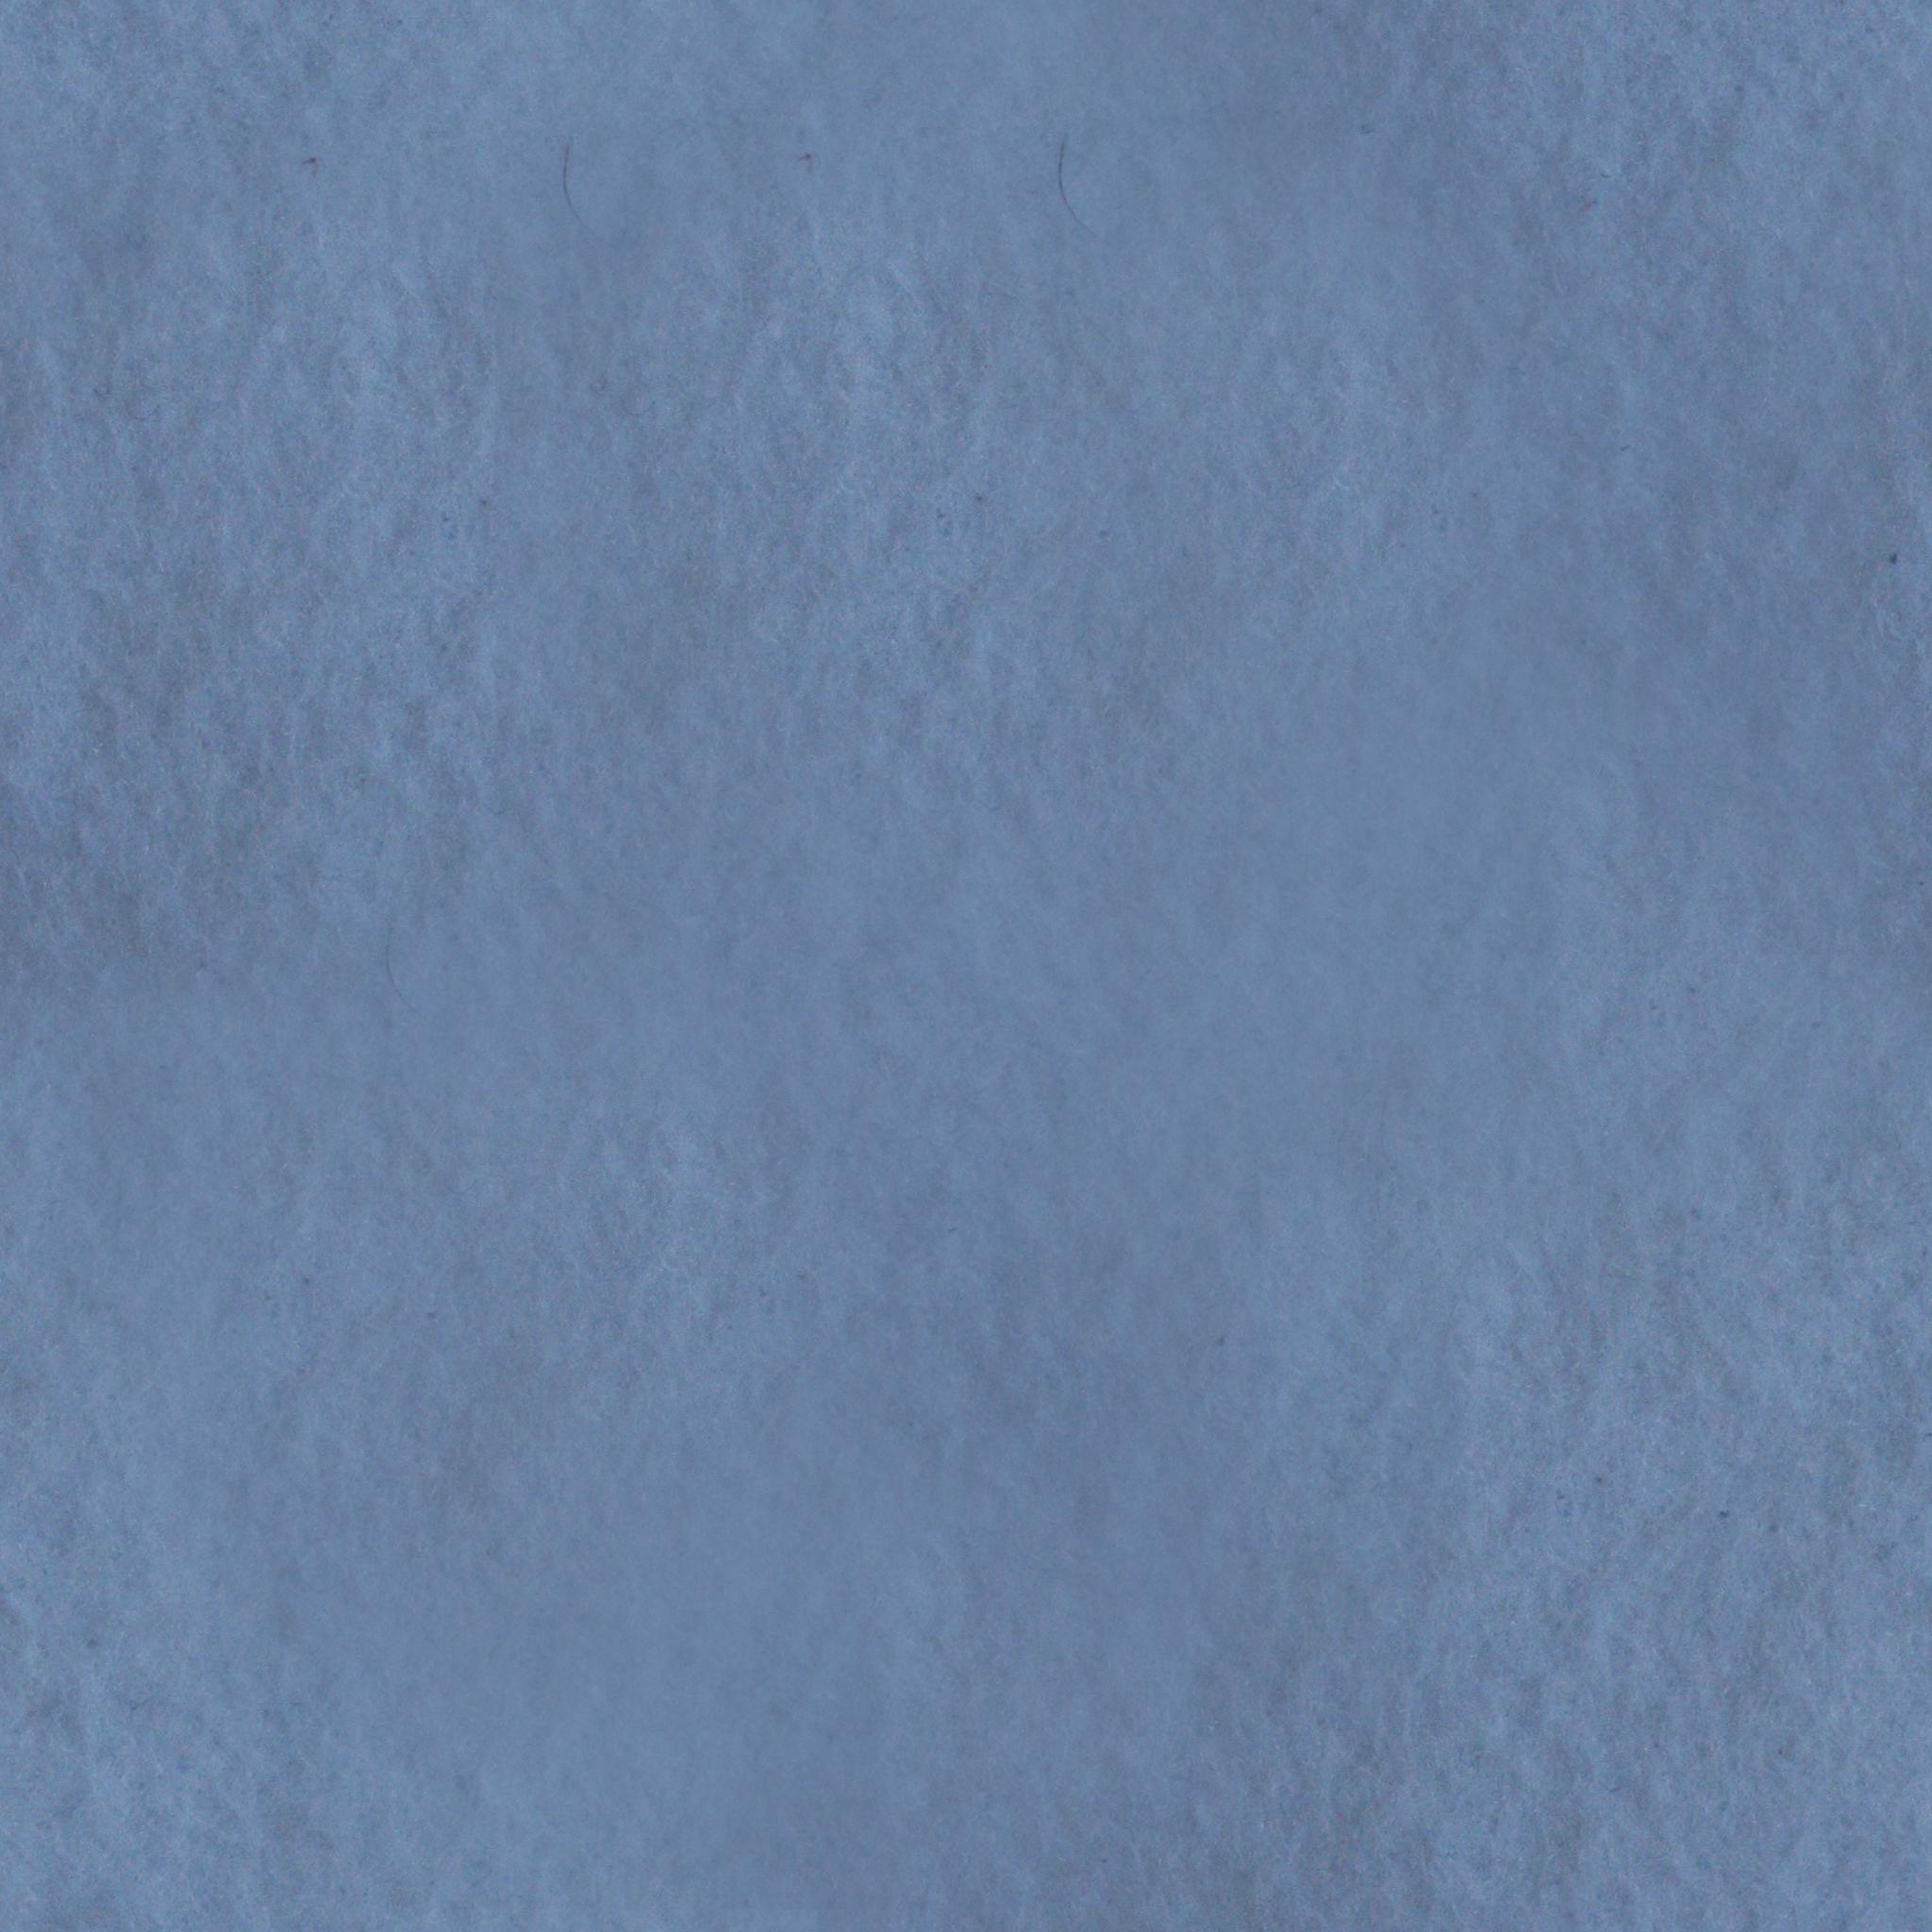 blue mottled.jpg